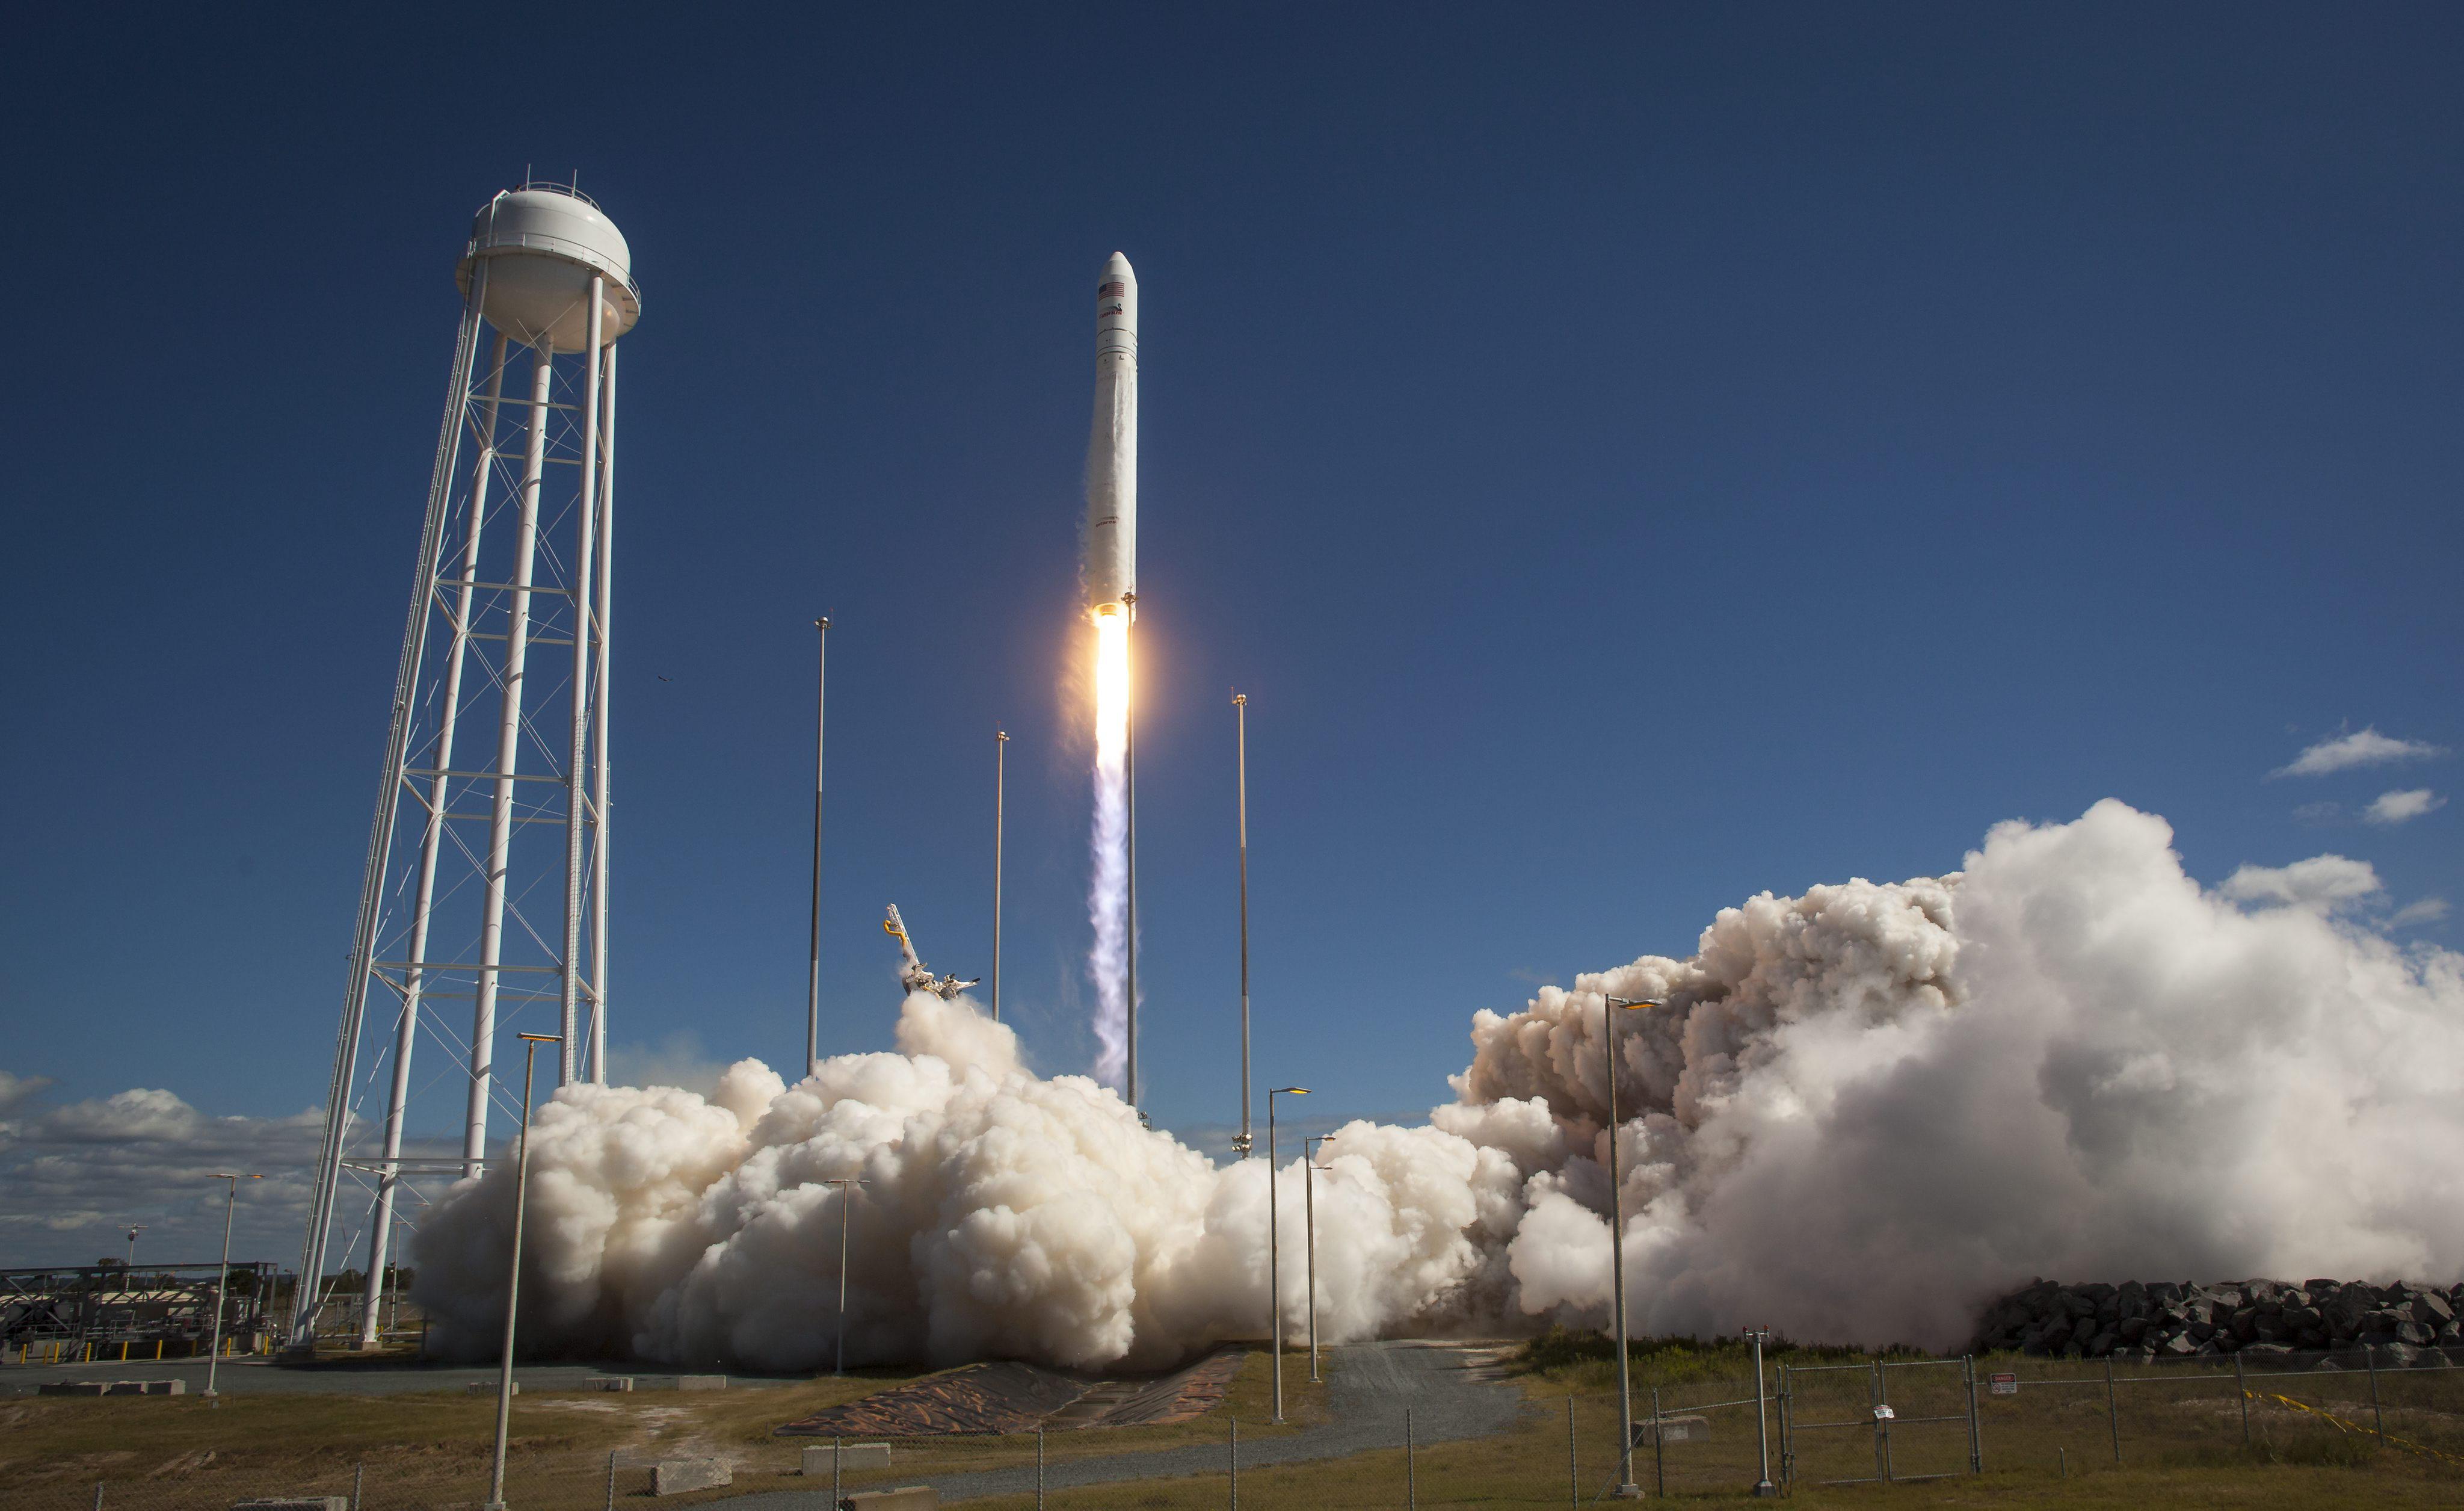 Se retrasa el contacto de la cápsula Cygnus y la Estación Espacial